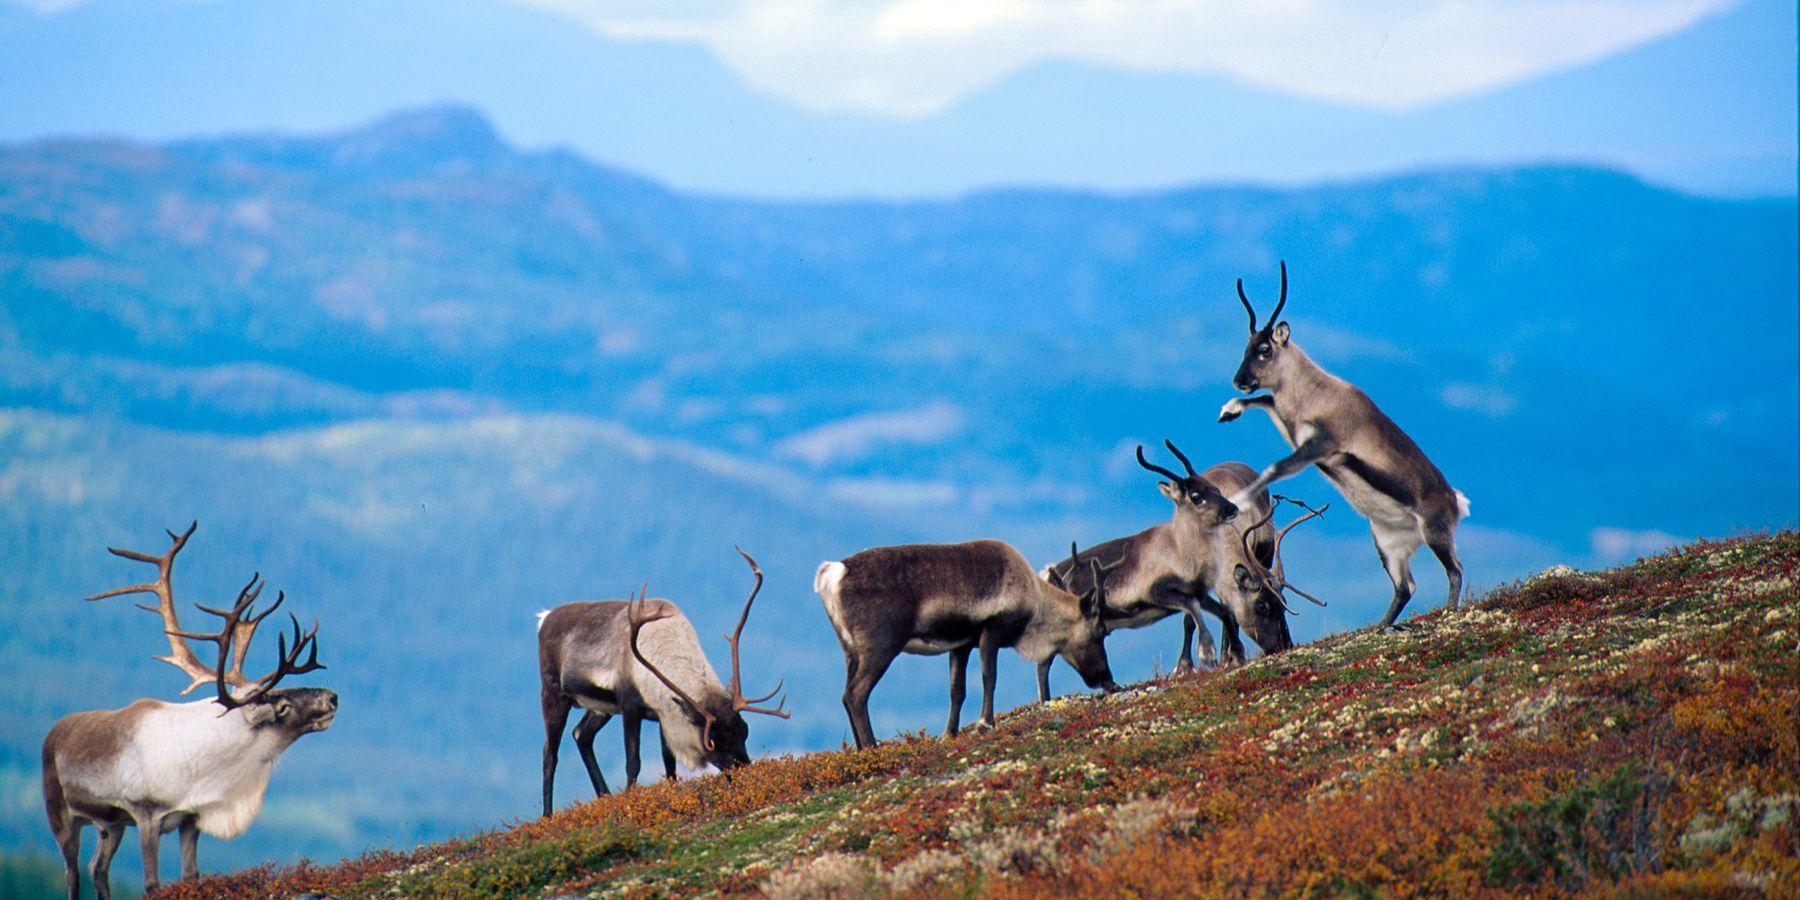 Buskerud - Doets Reizen - Vakantie Noorwegen - Credits VisitNorway